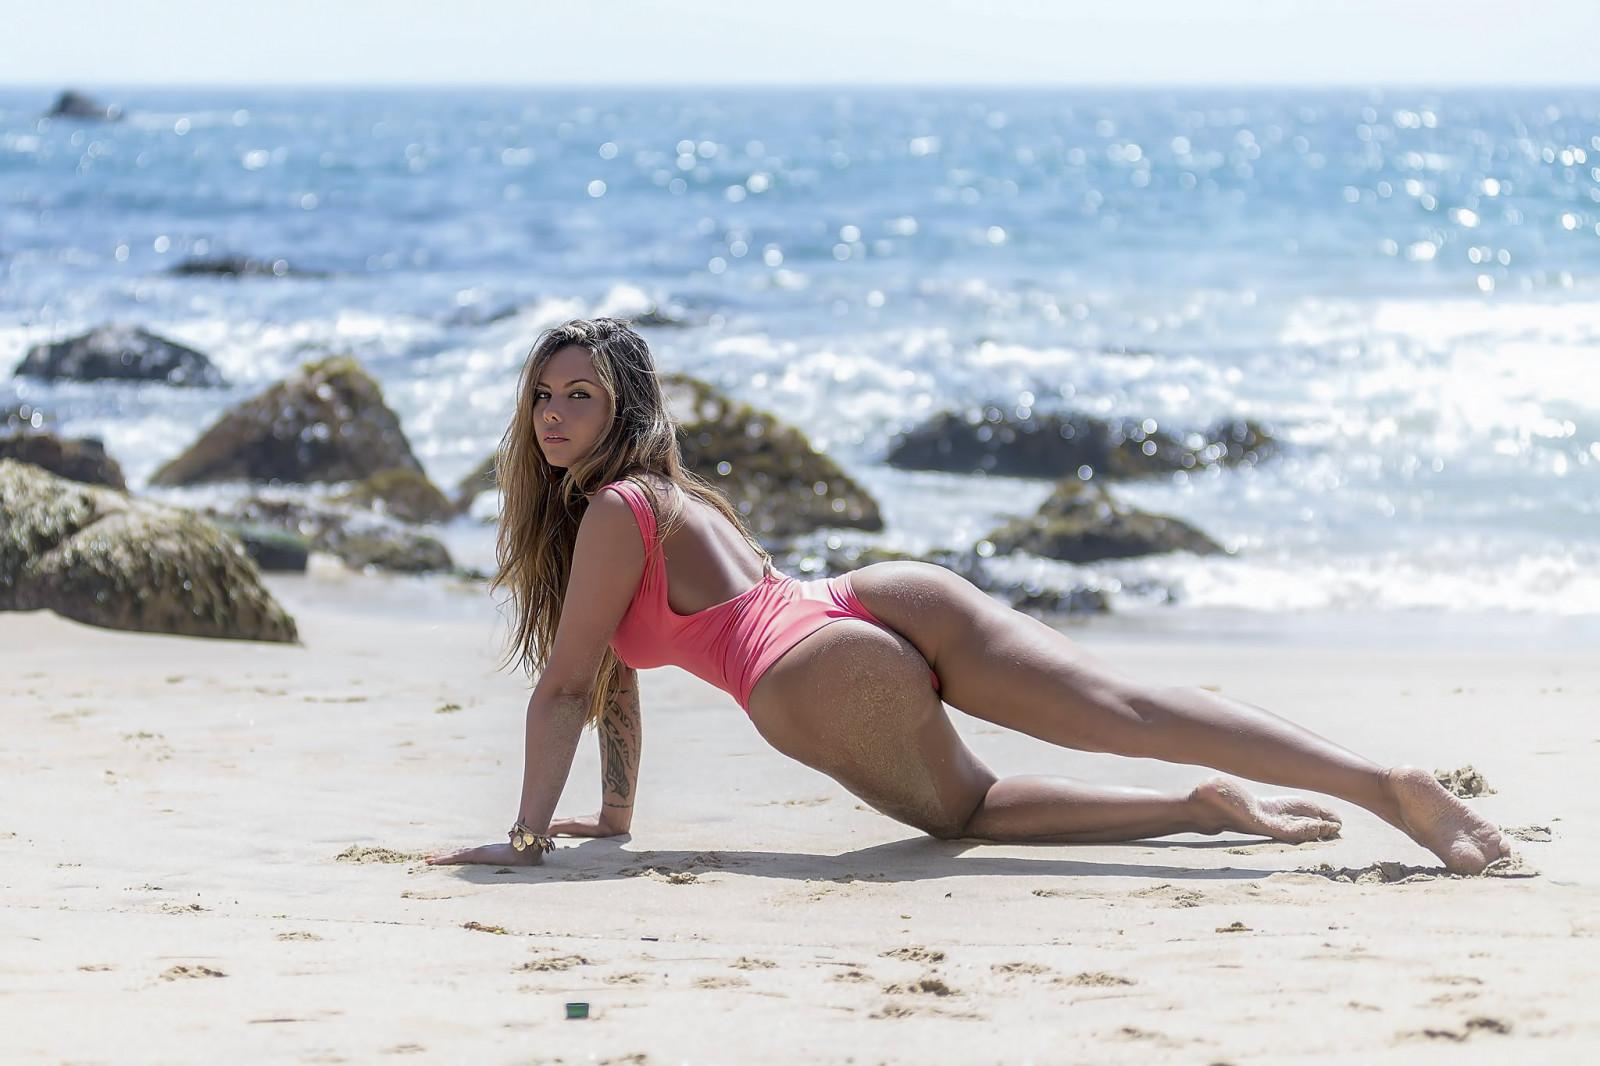 Красивые пляжные фотографии